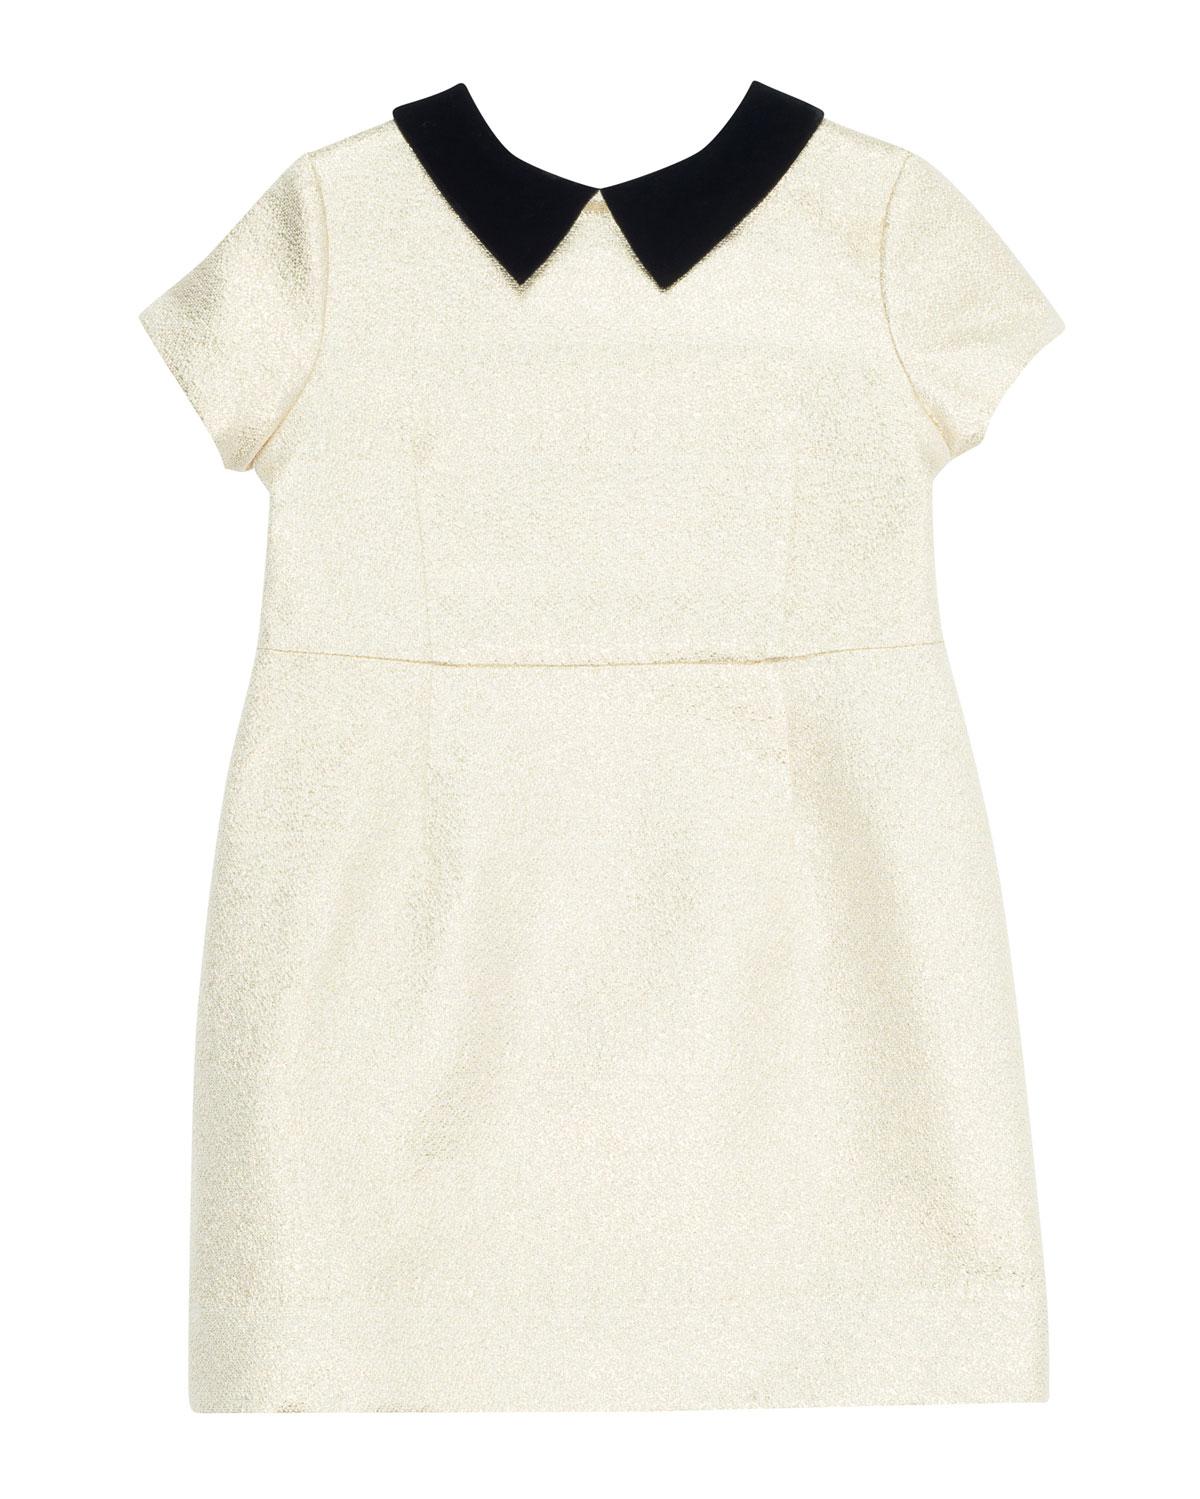 0e56837d8 Bonpoint Glittered Dress w/ Contrast Velvet Collar, Size 4-8 ...